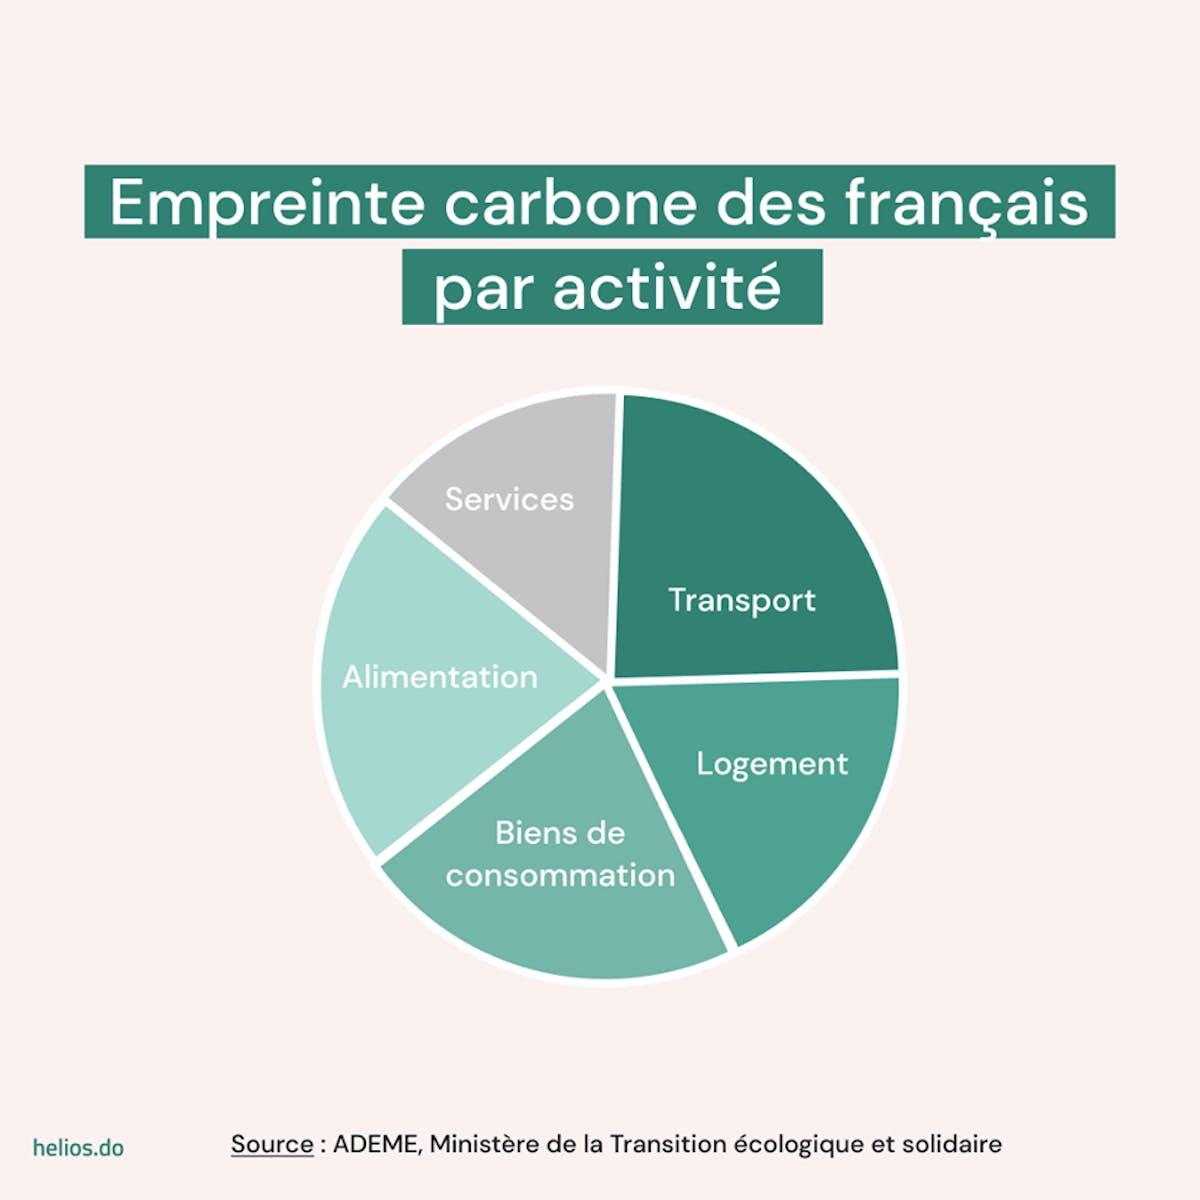 Empreinte carbone des français par activité